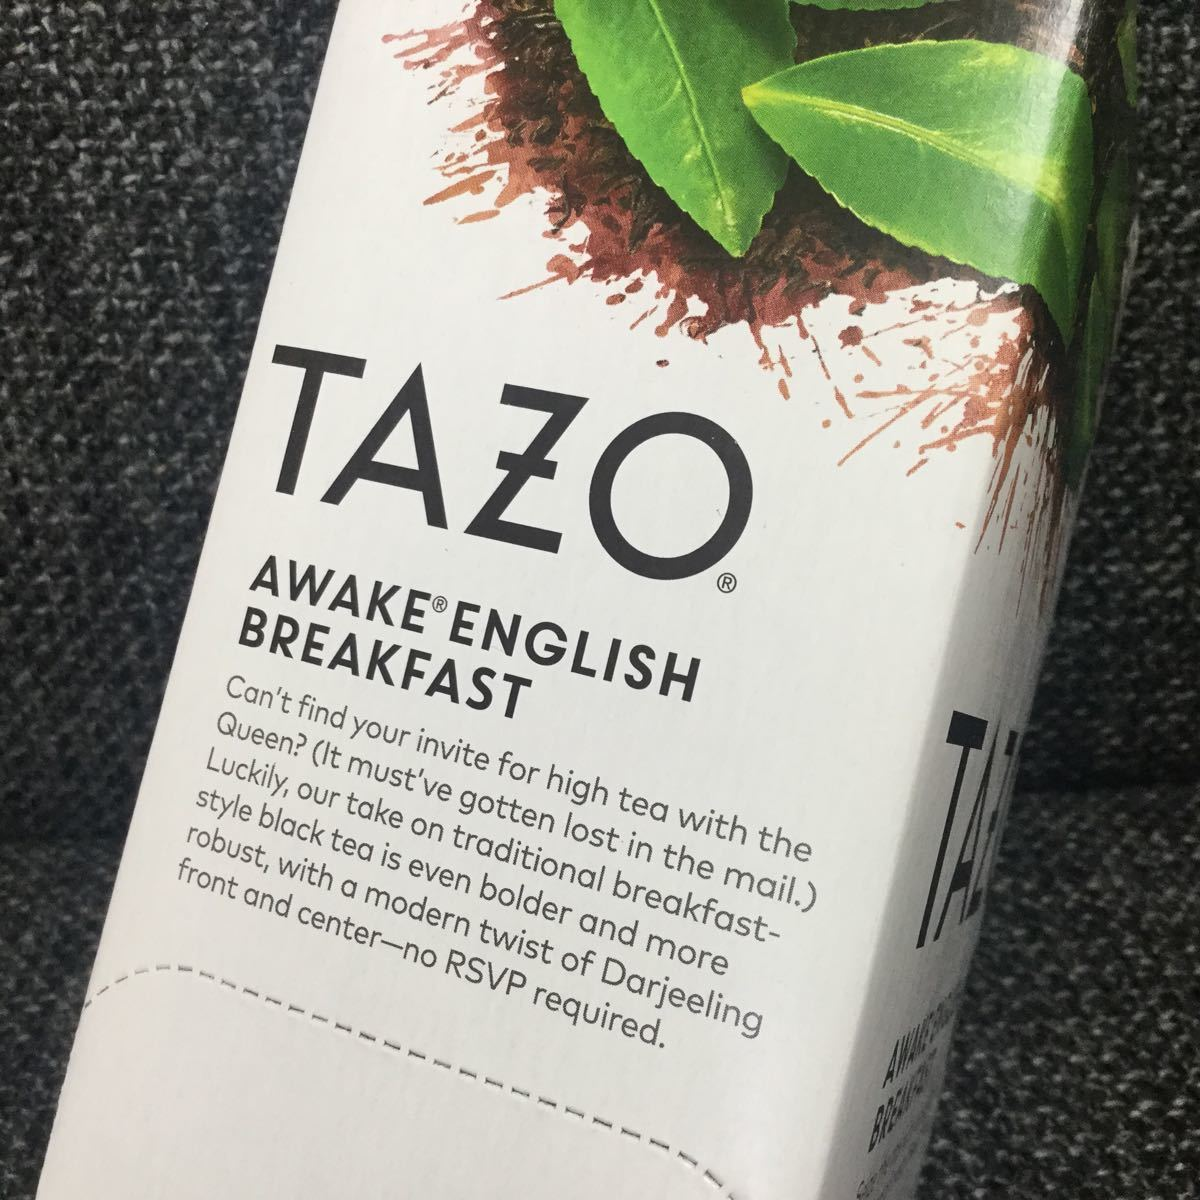 TAZO tea タゾ ティー★アウェイクイングリッシュブレックファスト★紅茶